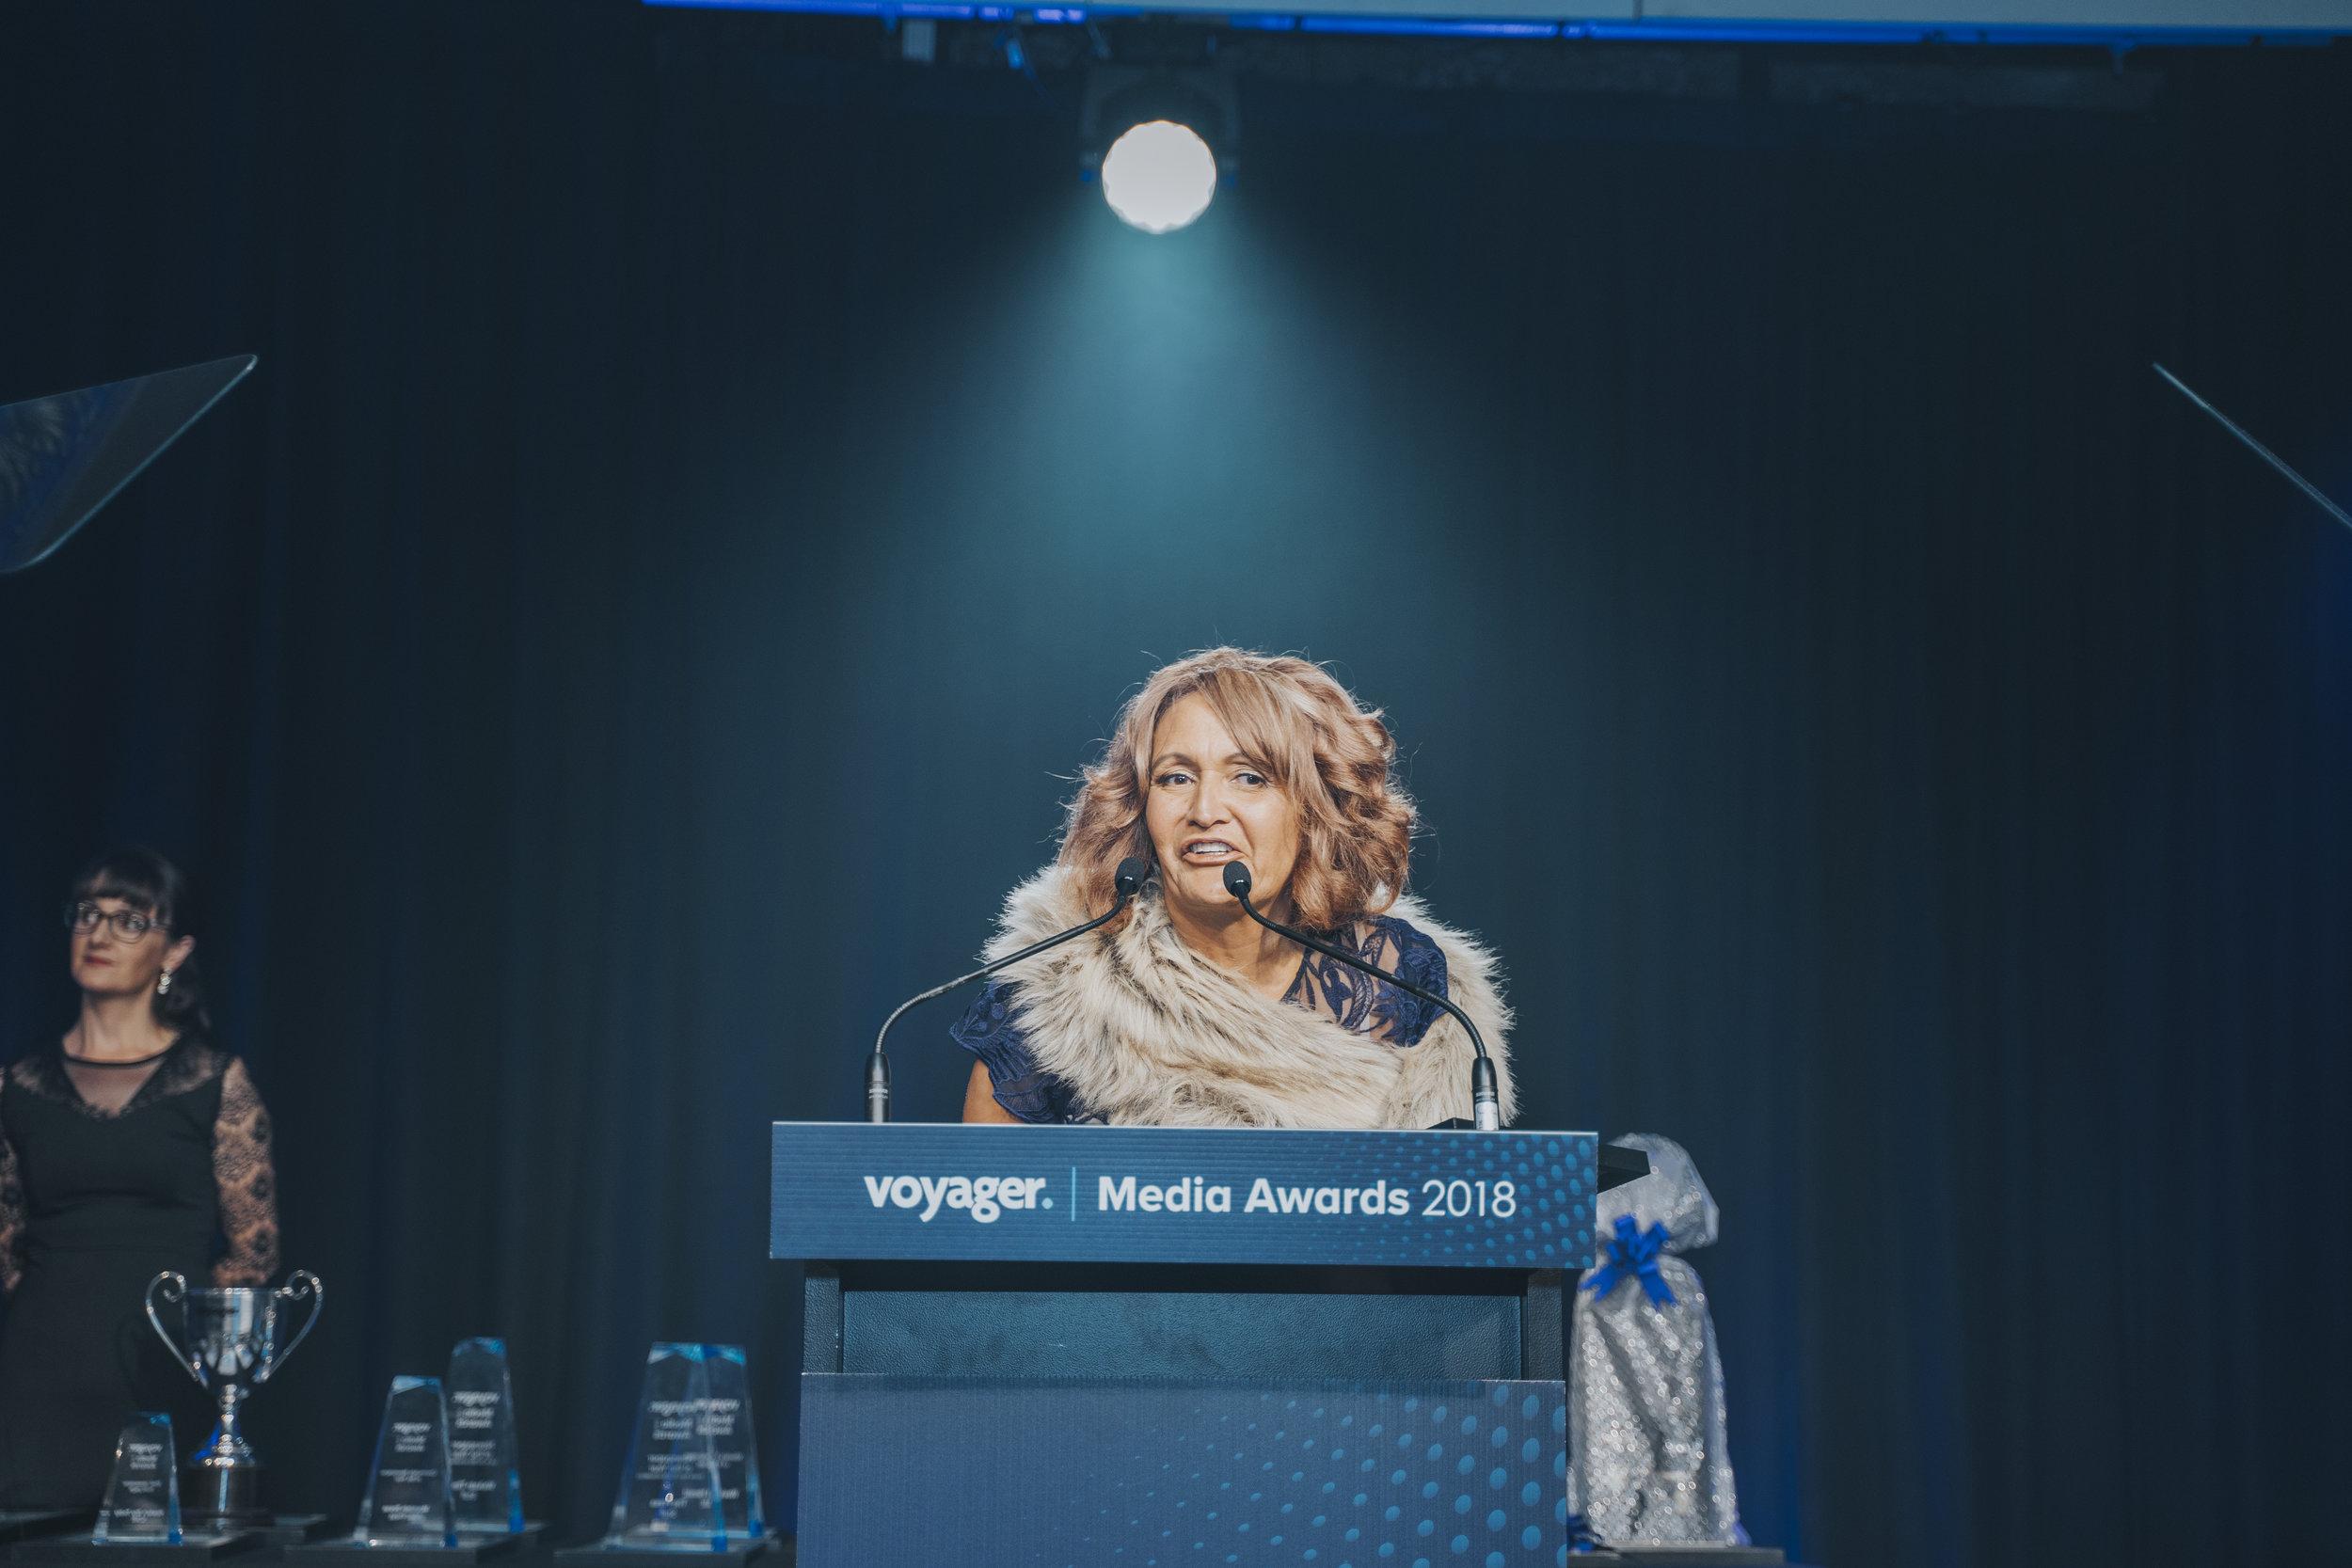 Voyager Media Awards 2018-335.JPG